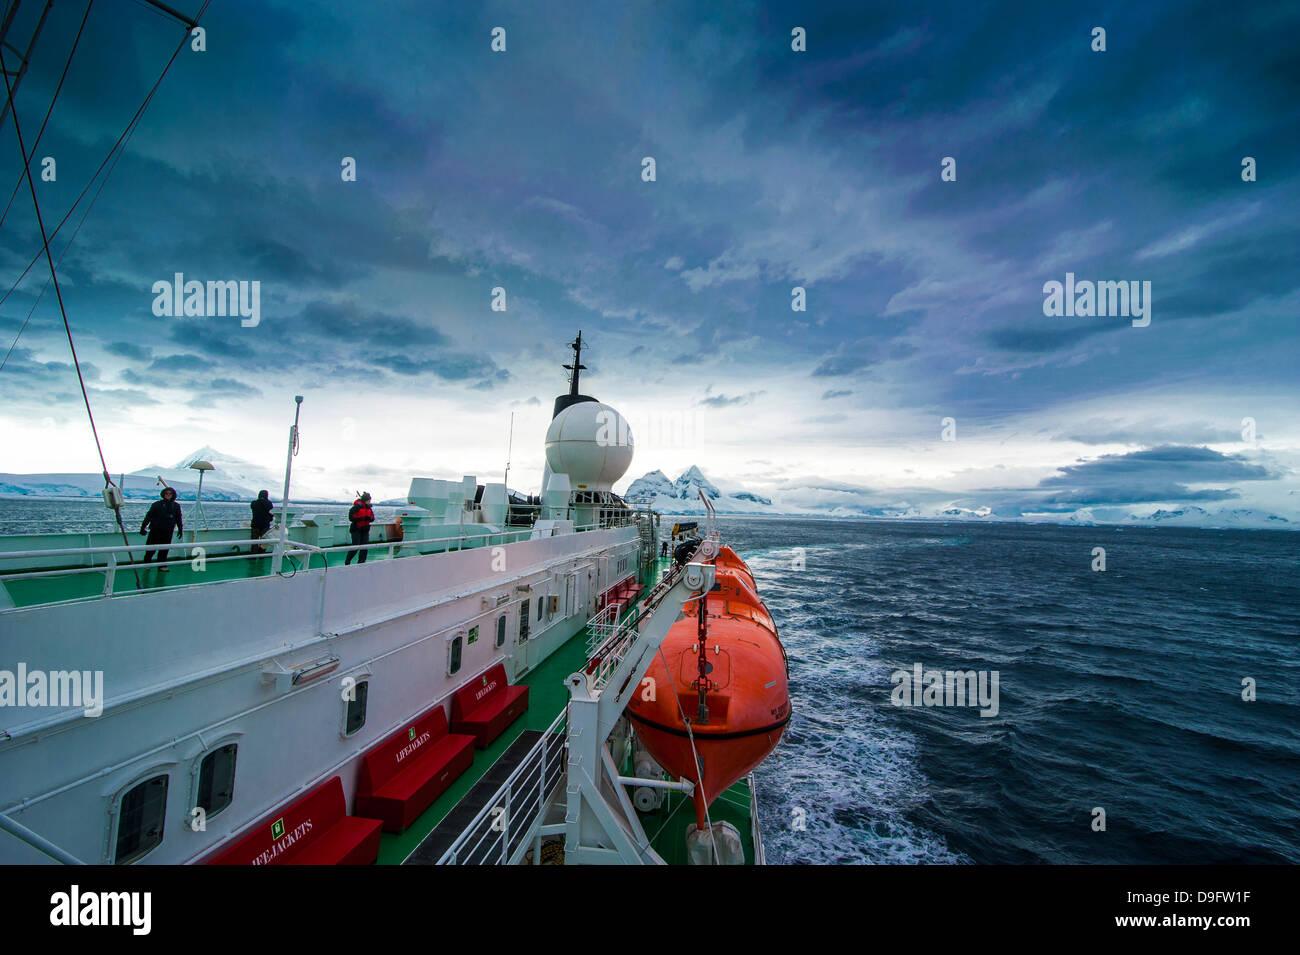 Port Lockroy stazione di ricerca, l'Antartide, regioni polari Immagini Stock